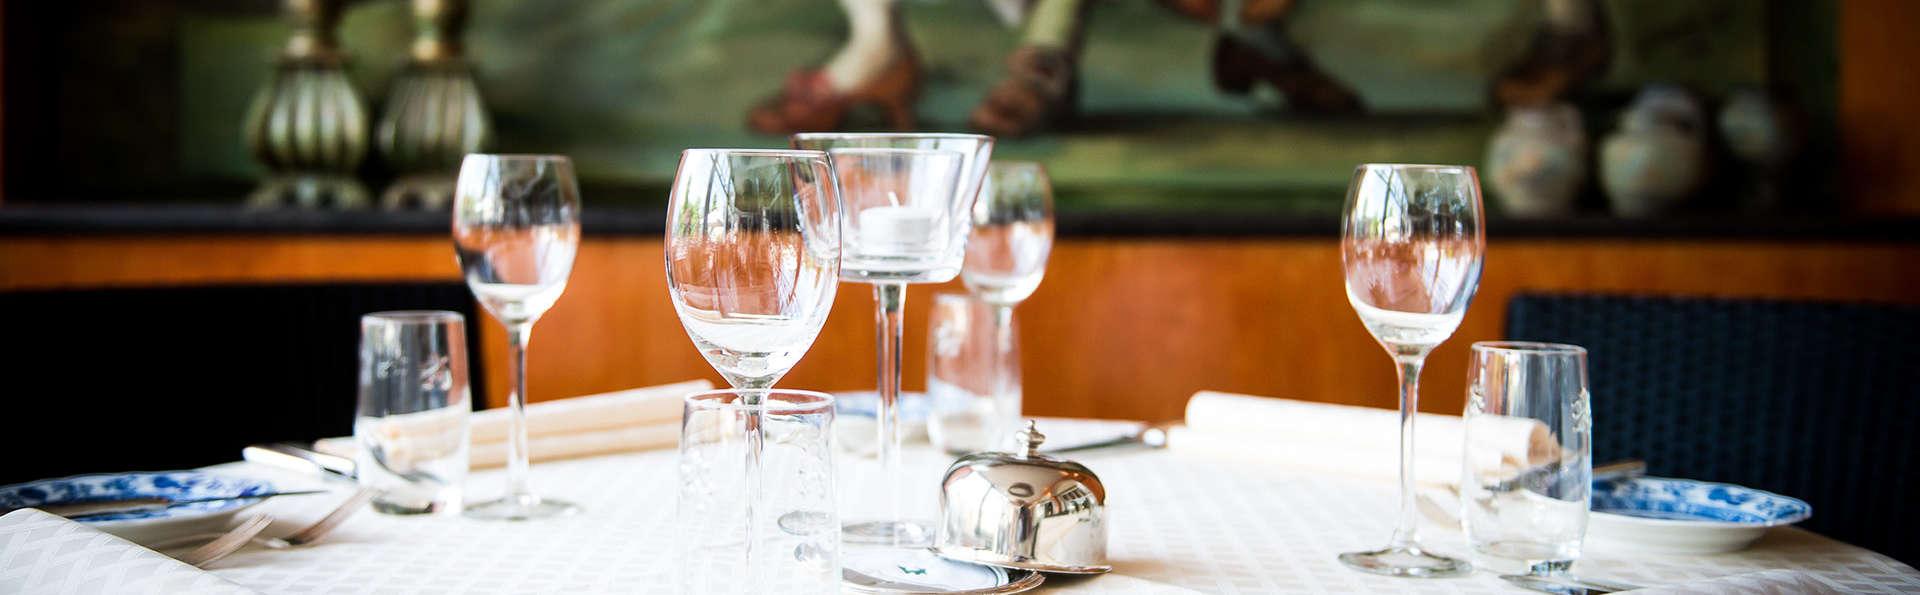 Petites vacances dans la province de Limbourg en chambre Deluxe avec dîner (à partir de 2 nuits)